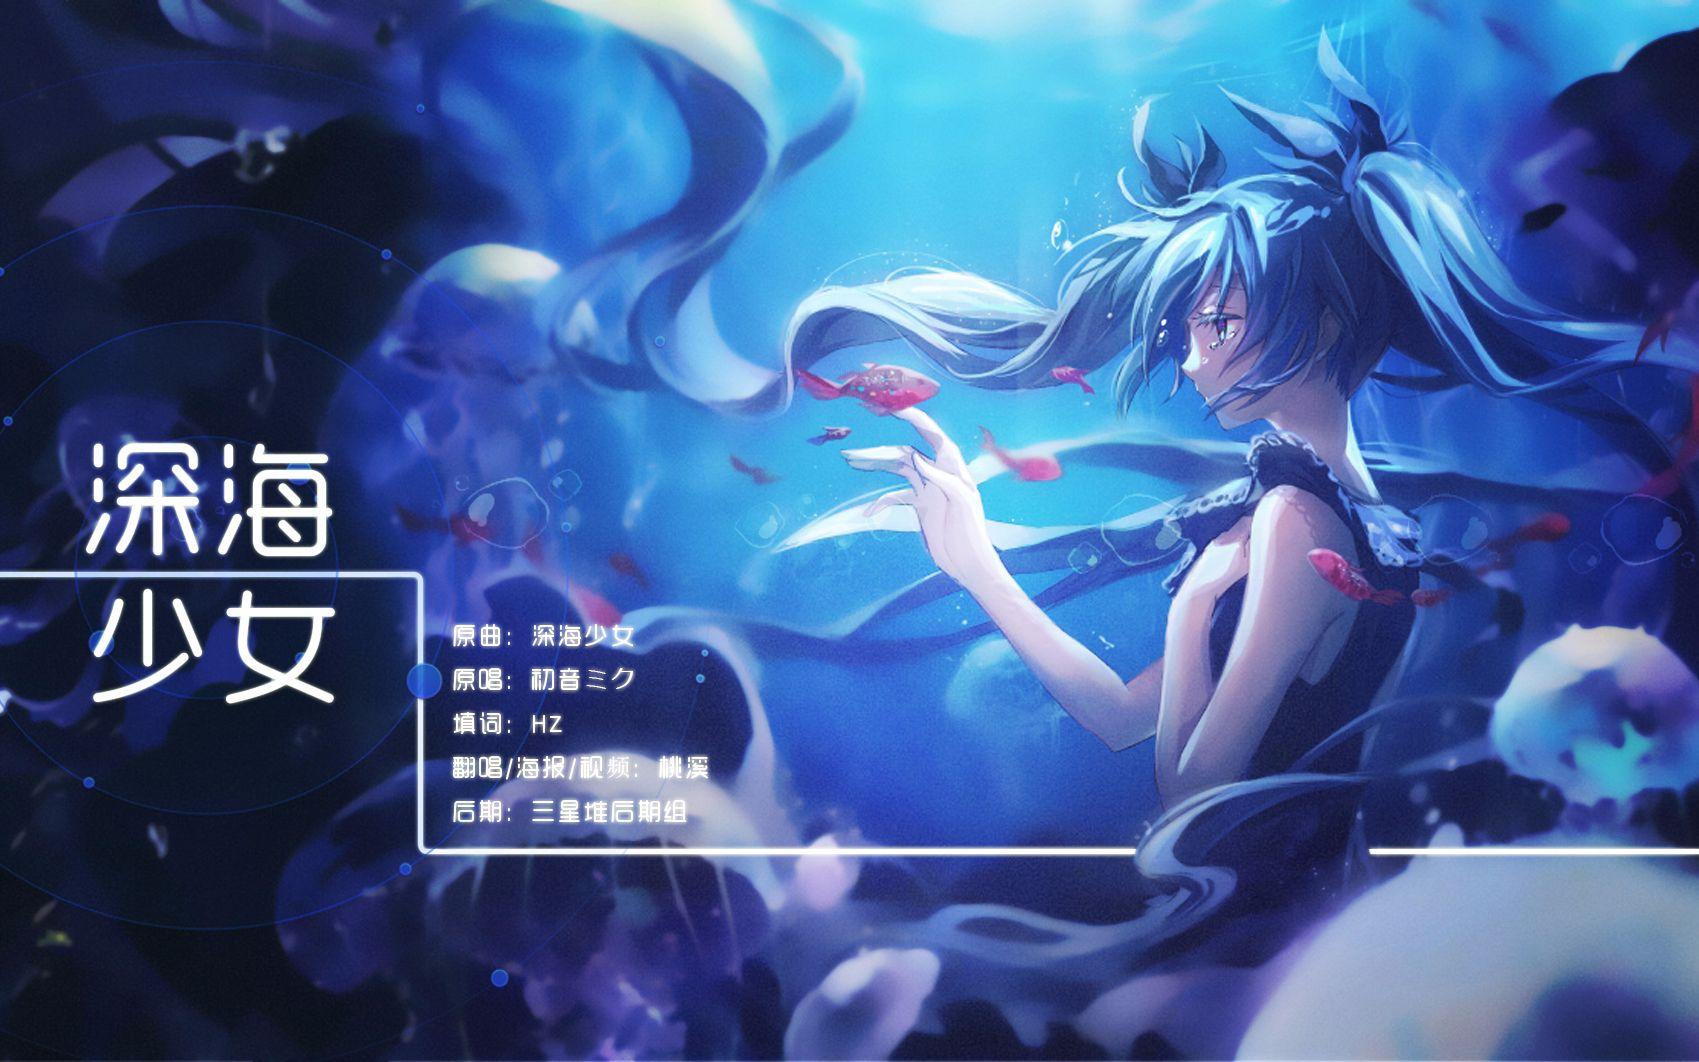 深海少女_【taoxi】深海少女-中文填翻